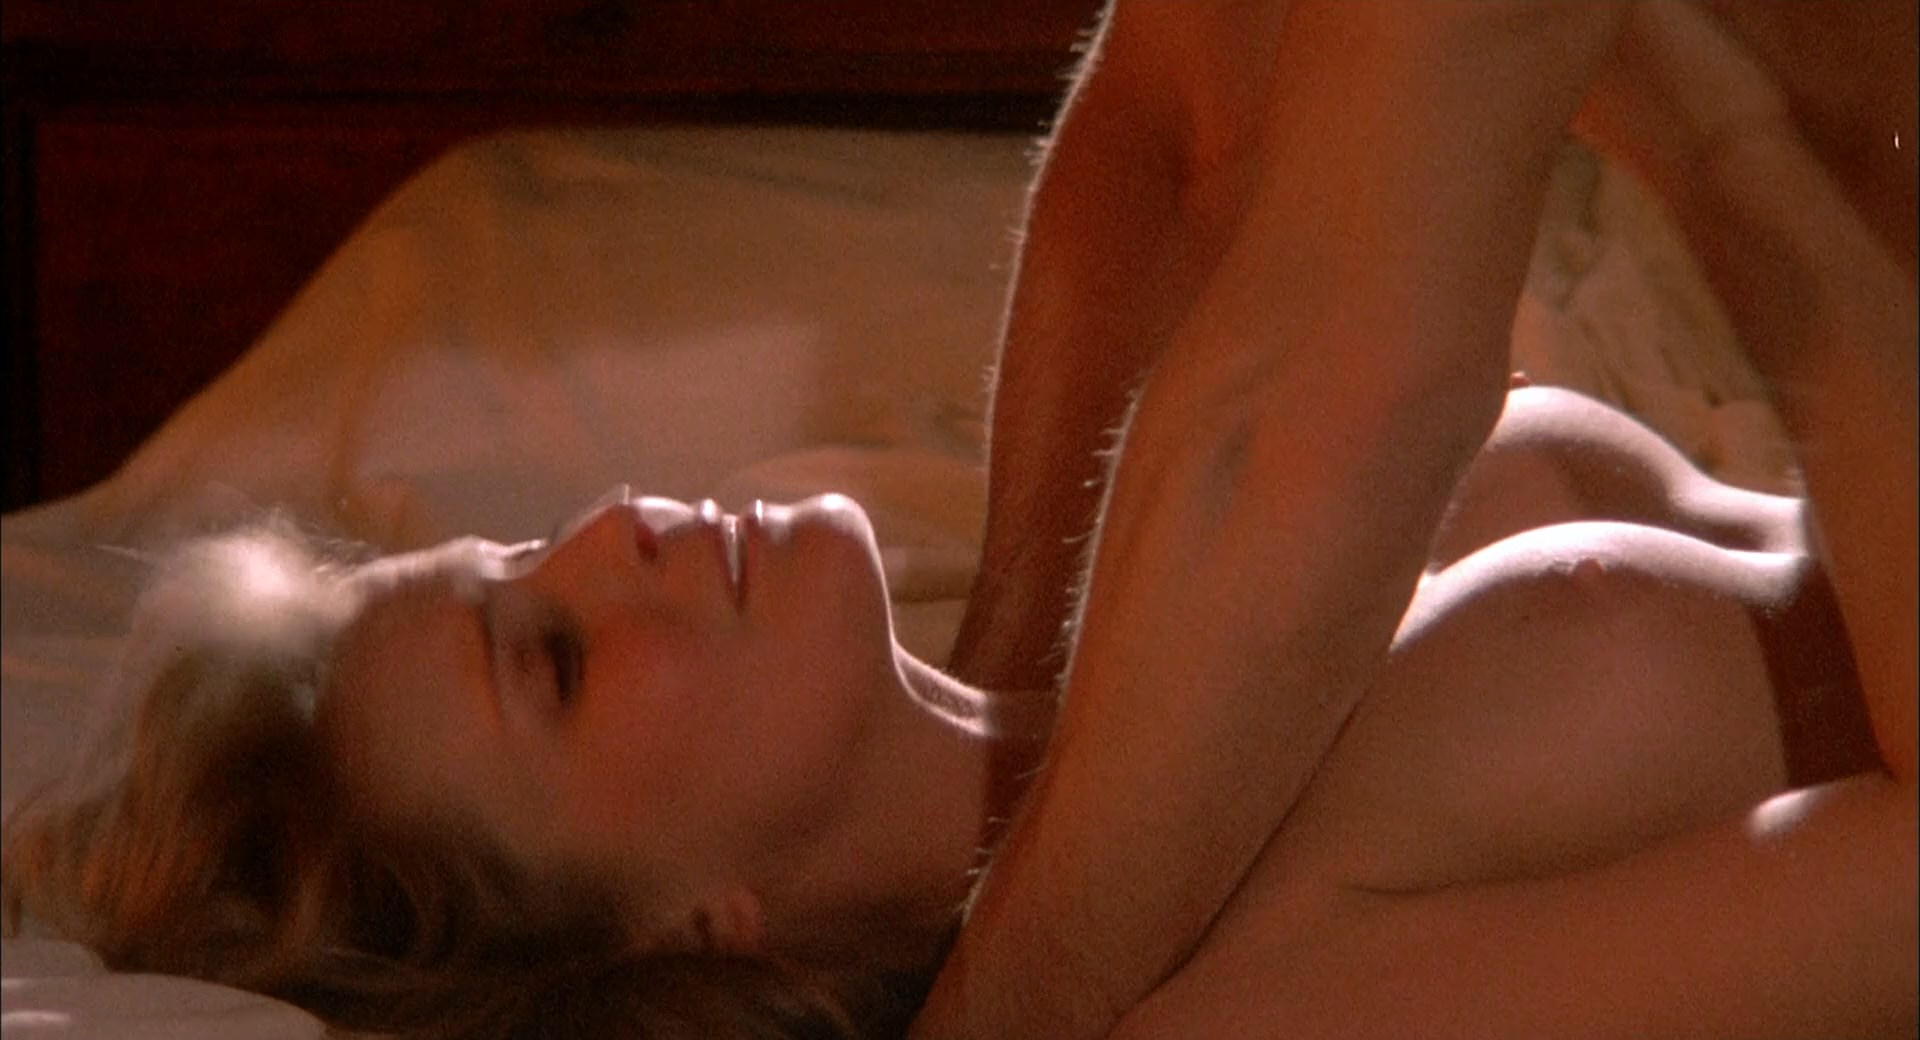 Porn pics bo derek fucking pusy videos sex